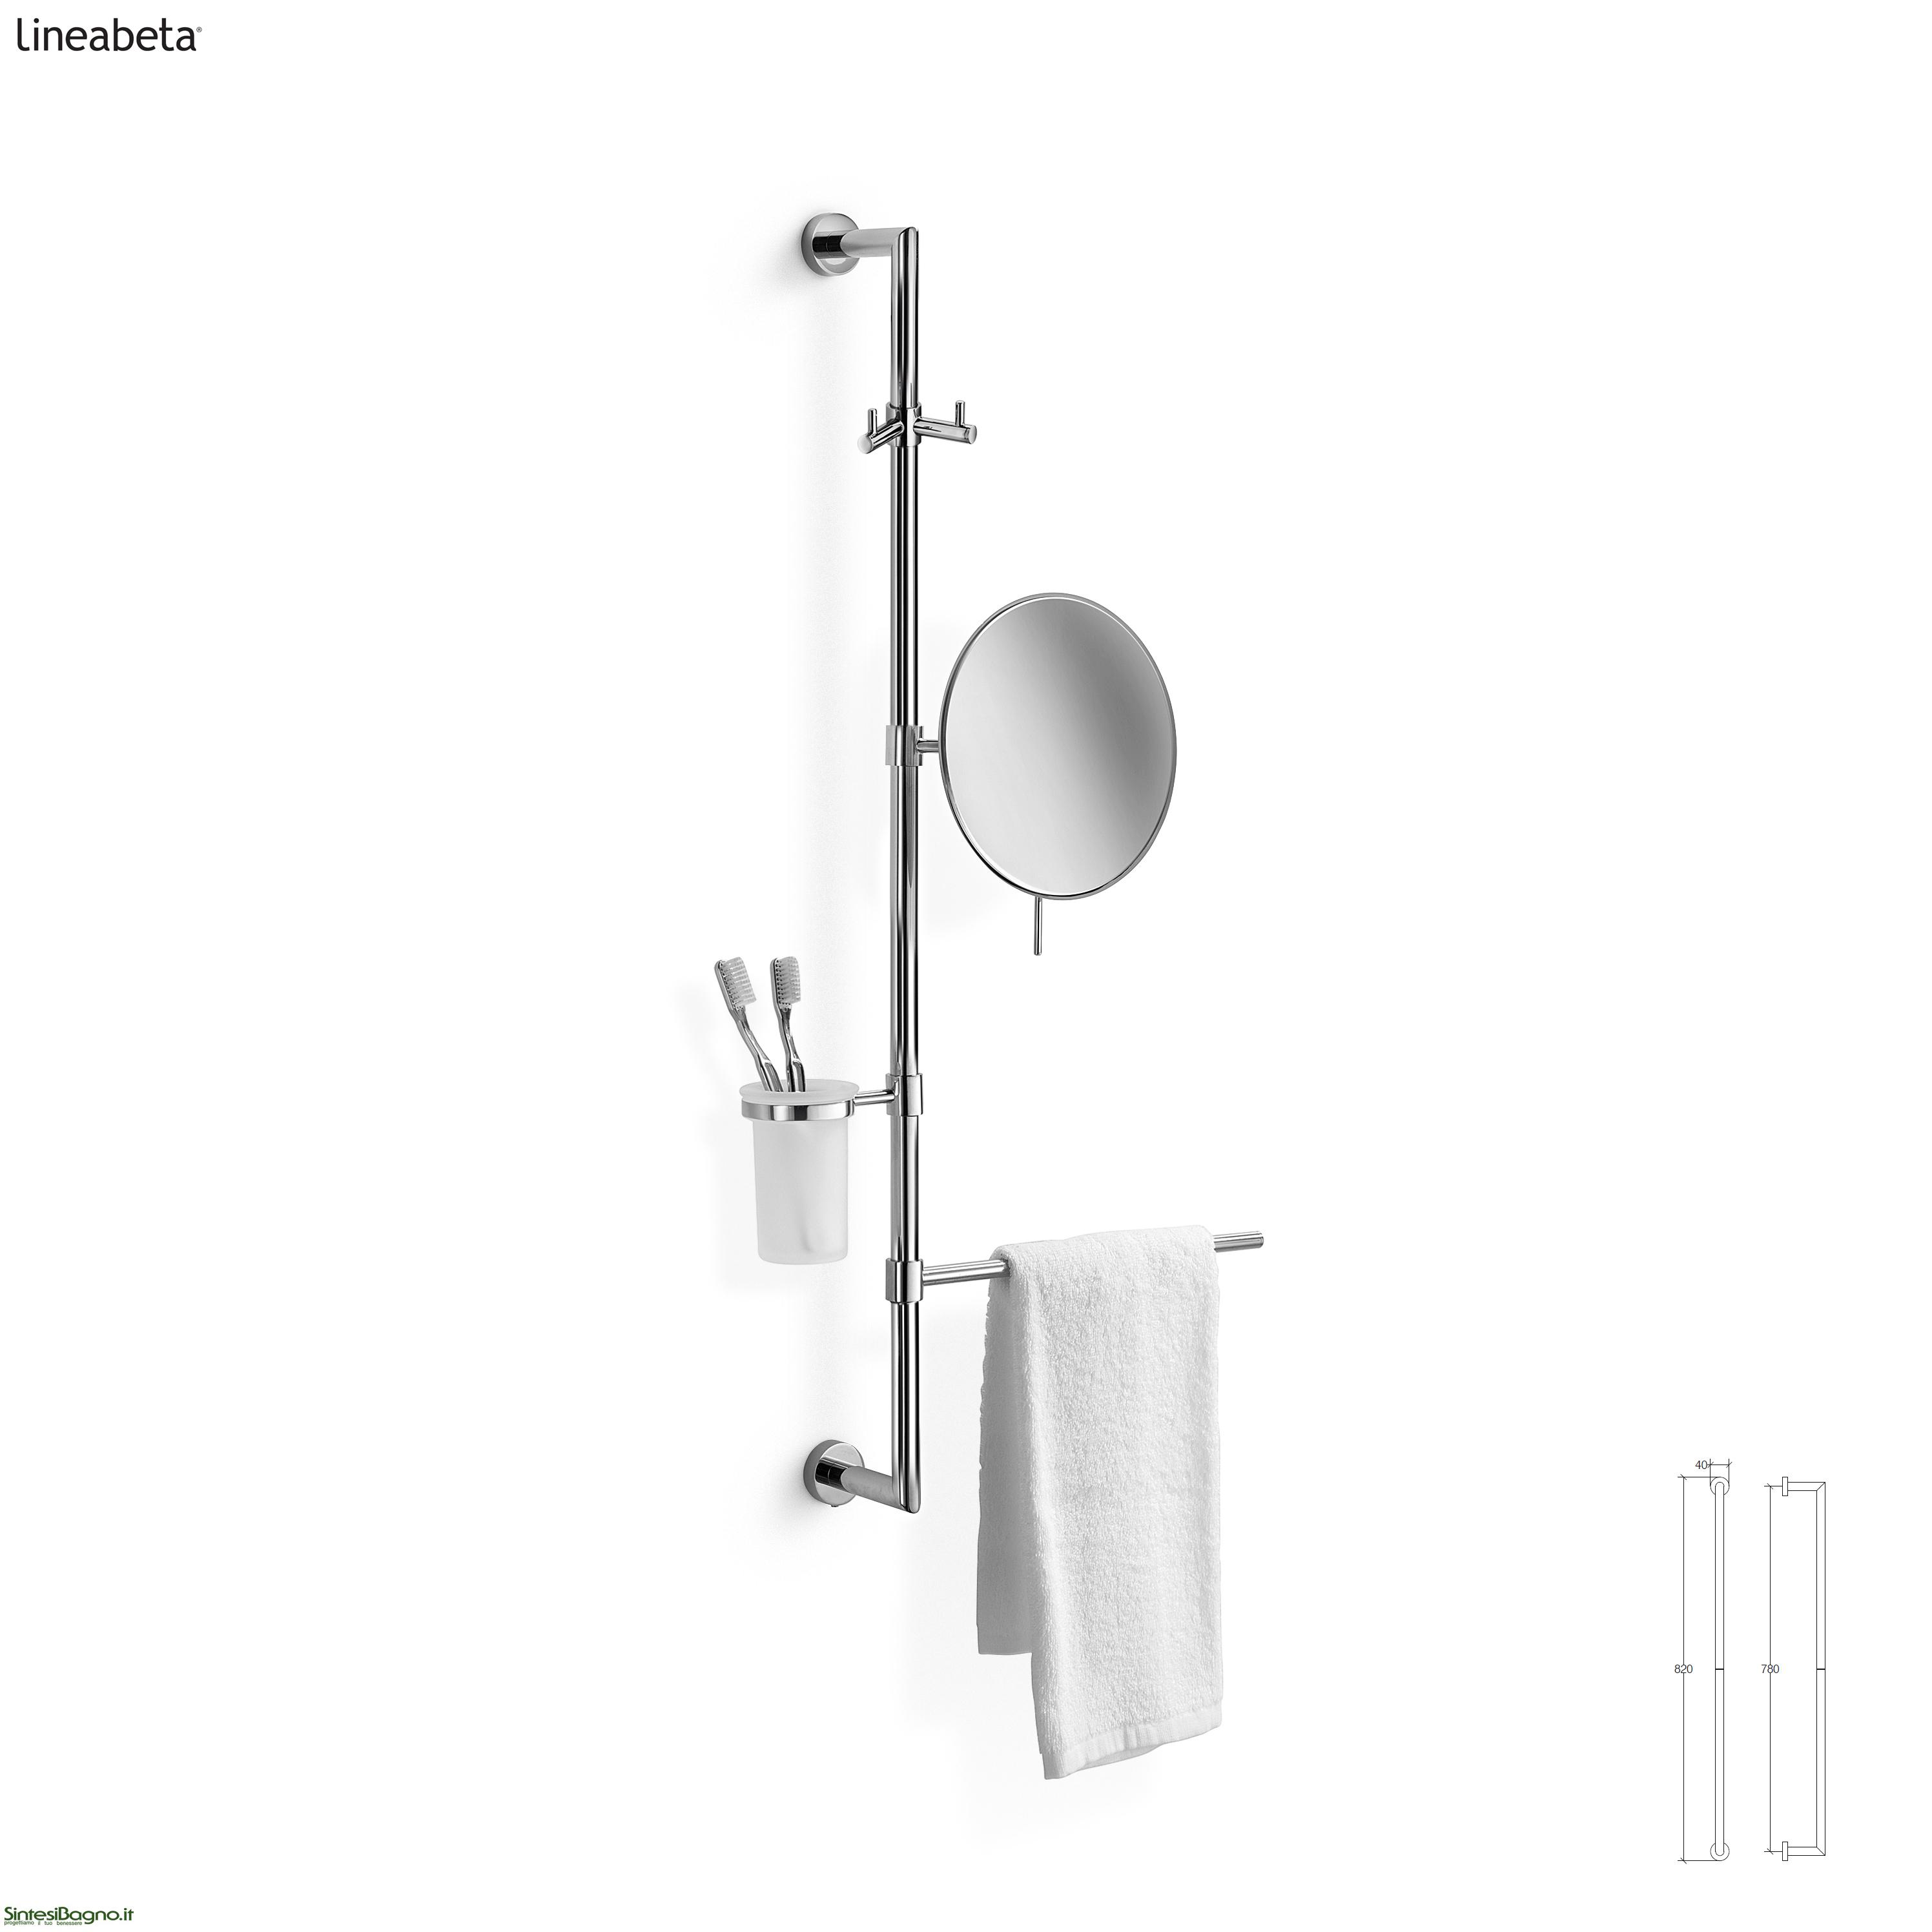 barre attrezzabili per accessori bagno - arredobagno news - Lineabeta Arredo Bagno